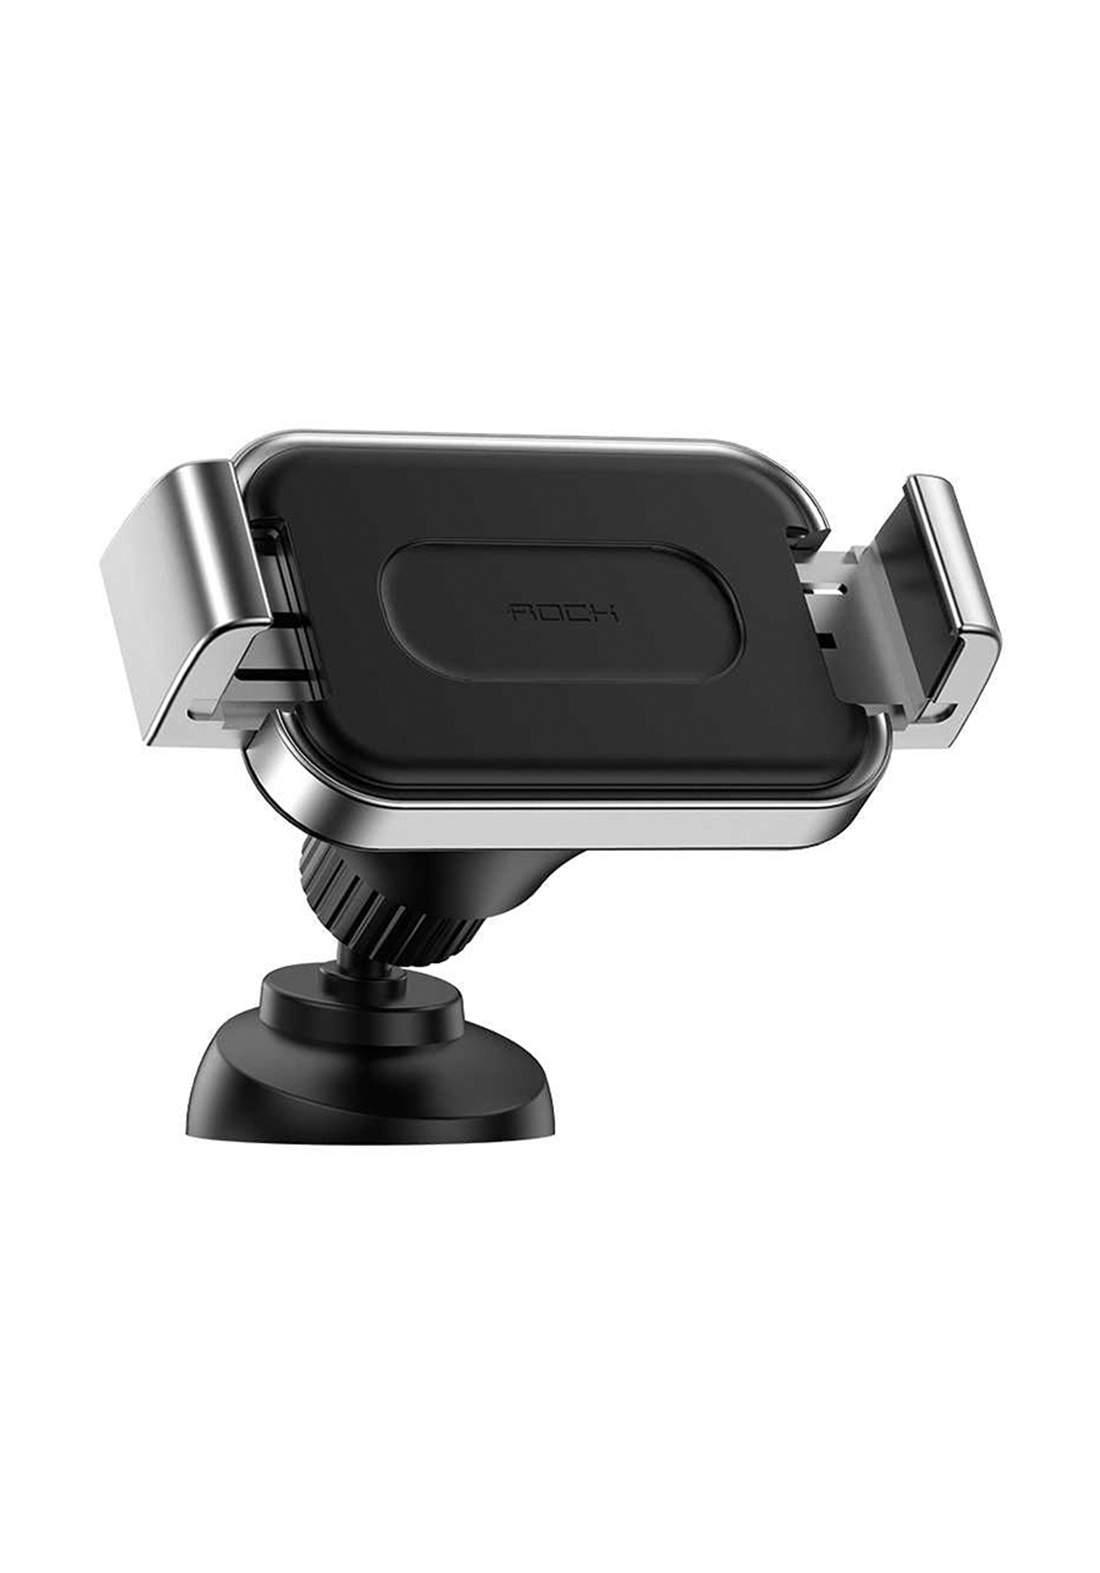 Rock RPH0930 Base Holder For Mobile Phone حامل موبايل